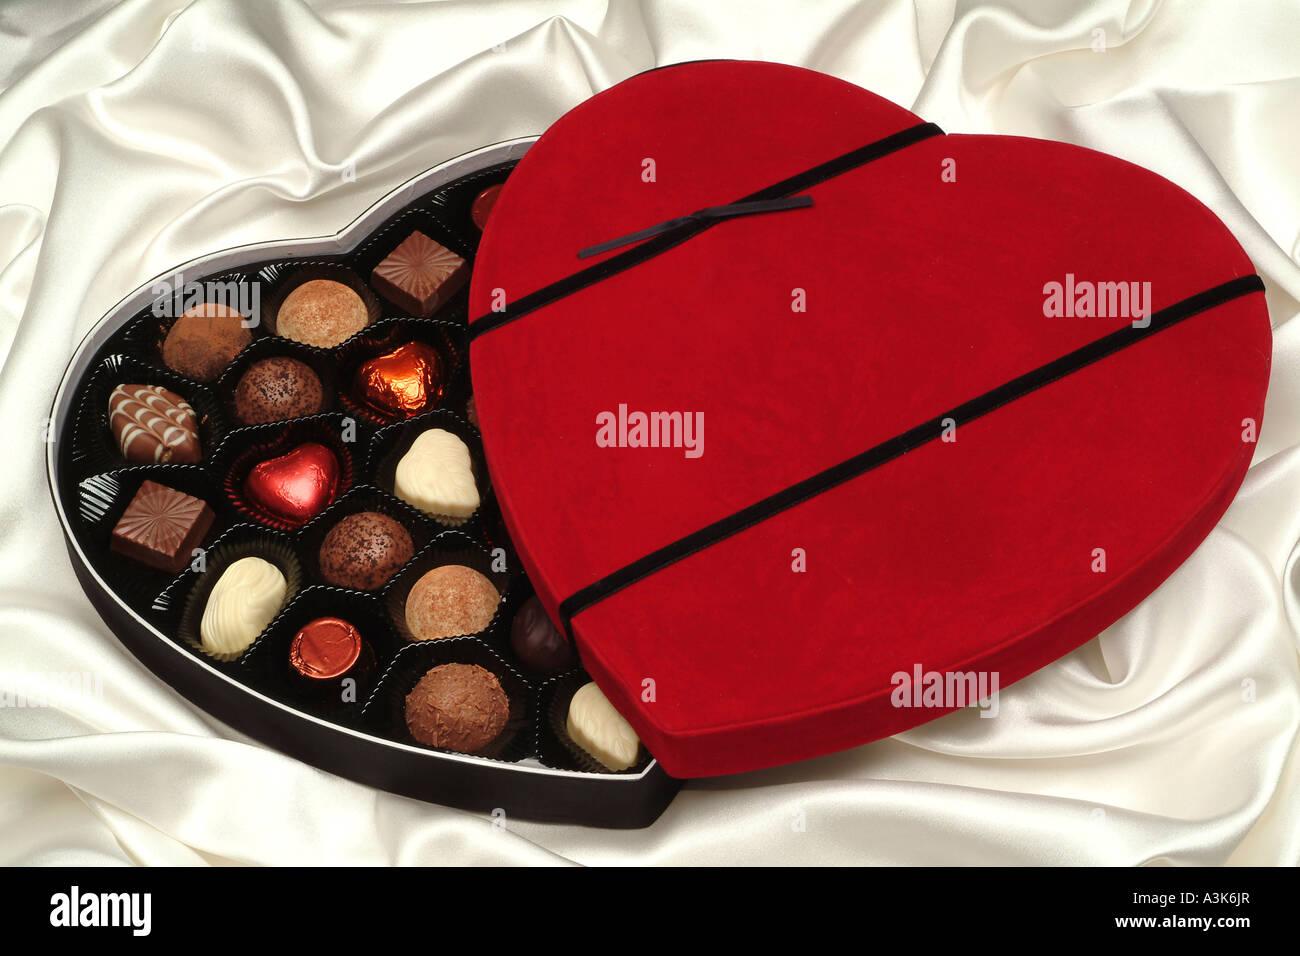 Heart-shaped box of Chocolates Photo Stock